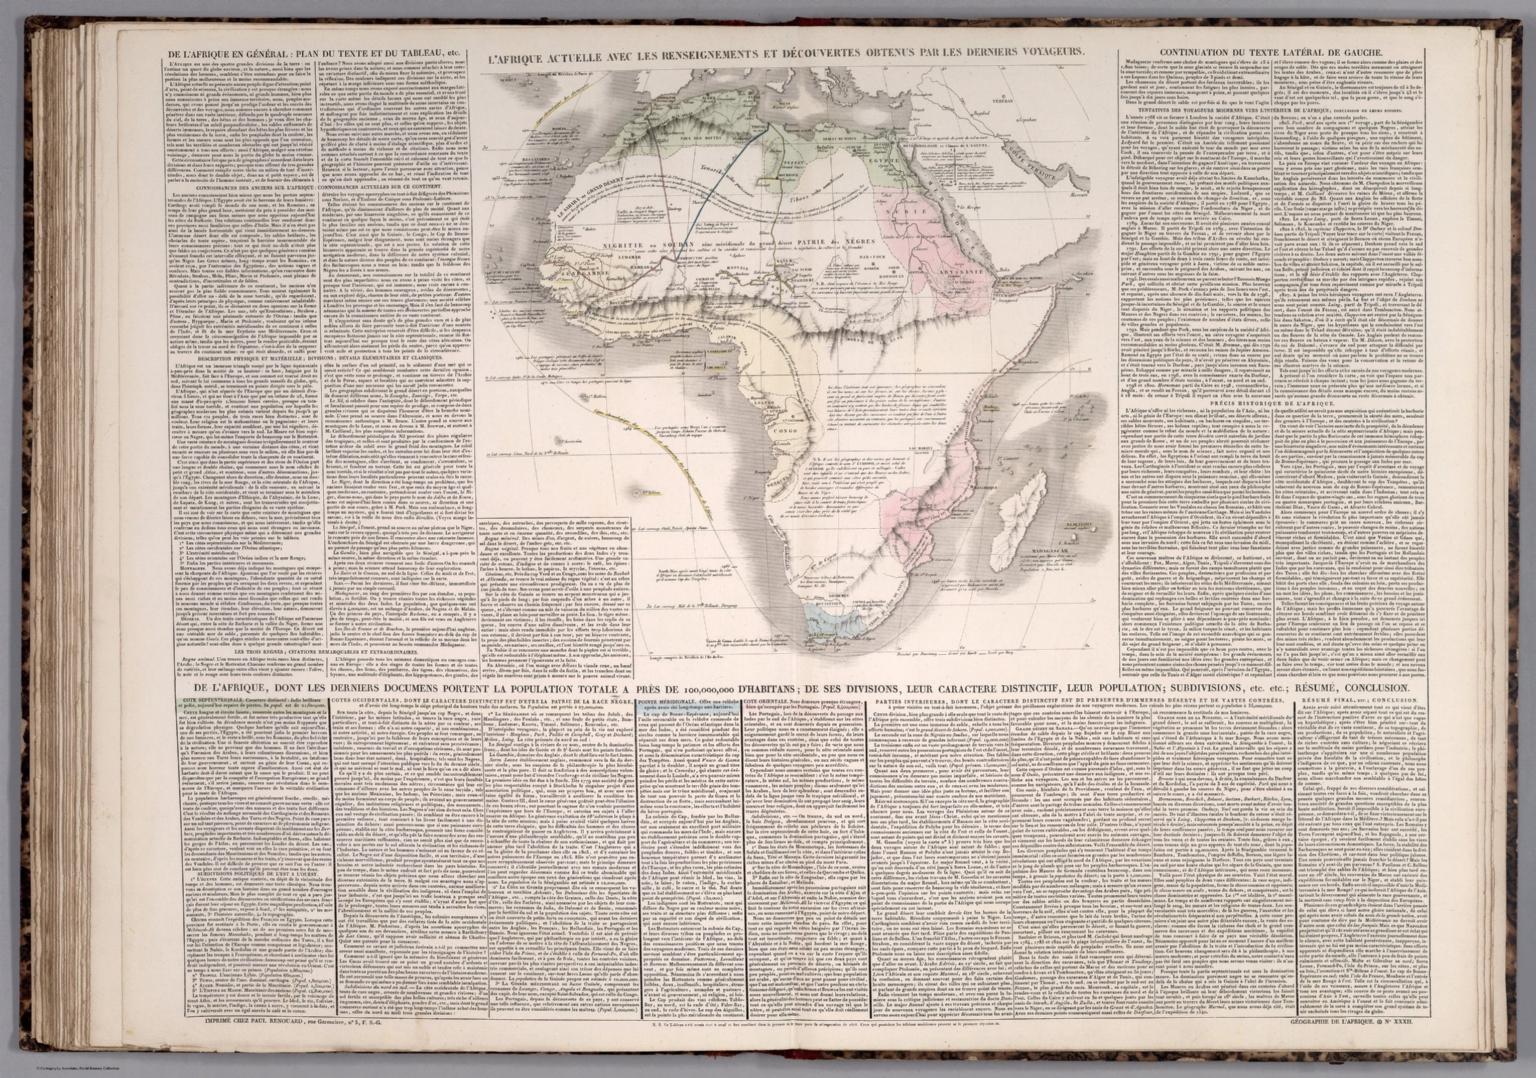 Geographie de l'Afrique. No. XXXII